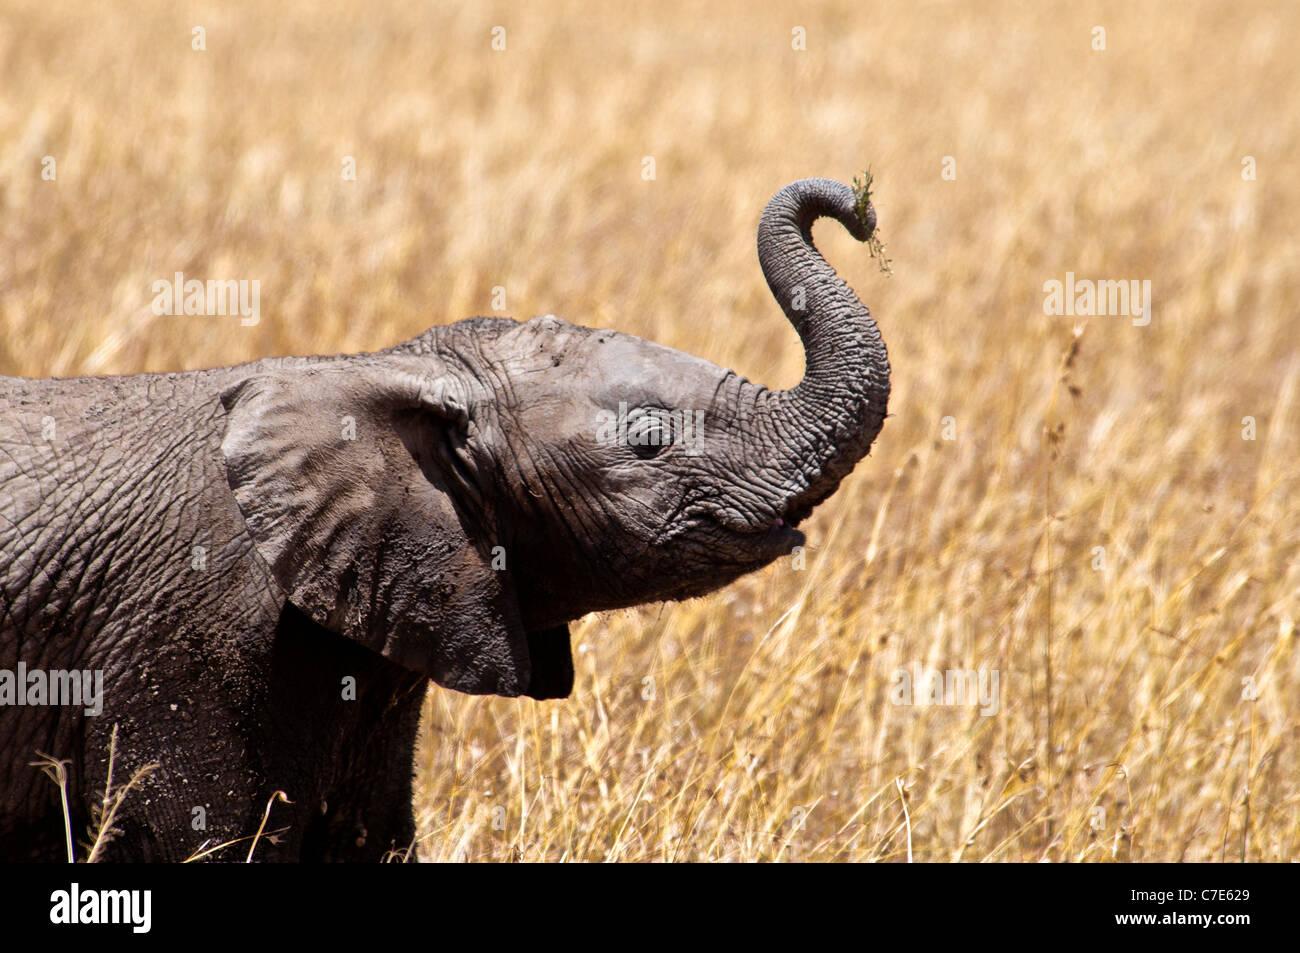 Baby African Elephant, Loxodonta africana, Trunk raised, Masai Mara National Reserve, Kenya, Africa - Stock Image